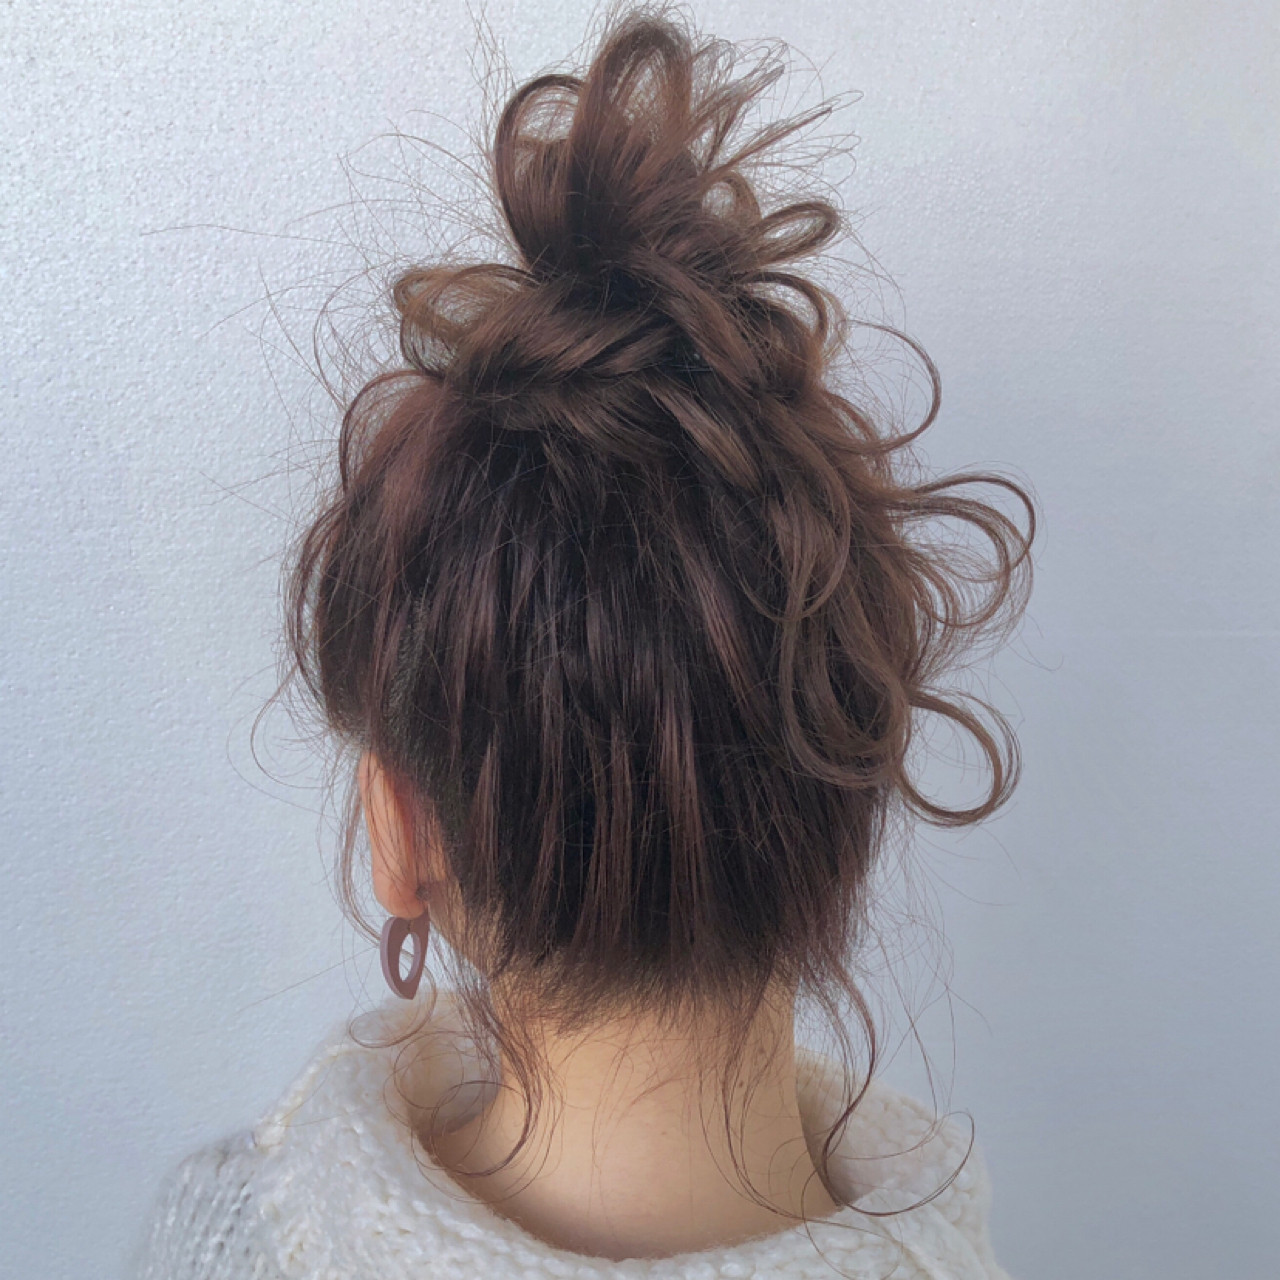 お団子 簡単 ガーリー 簡単ヘアアレンジ ヘアスタイルや髪型の写真・画像